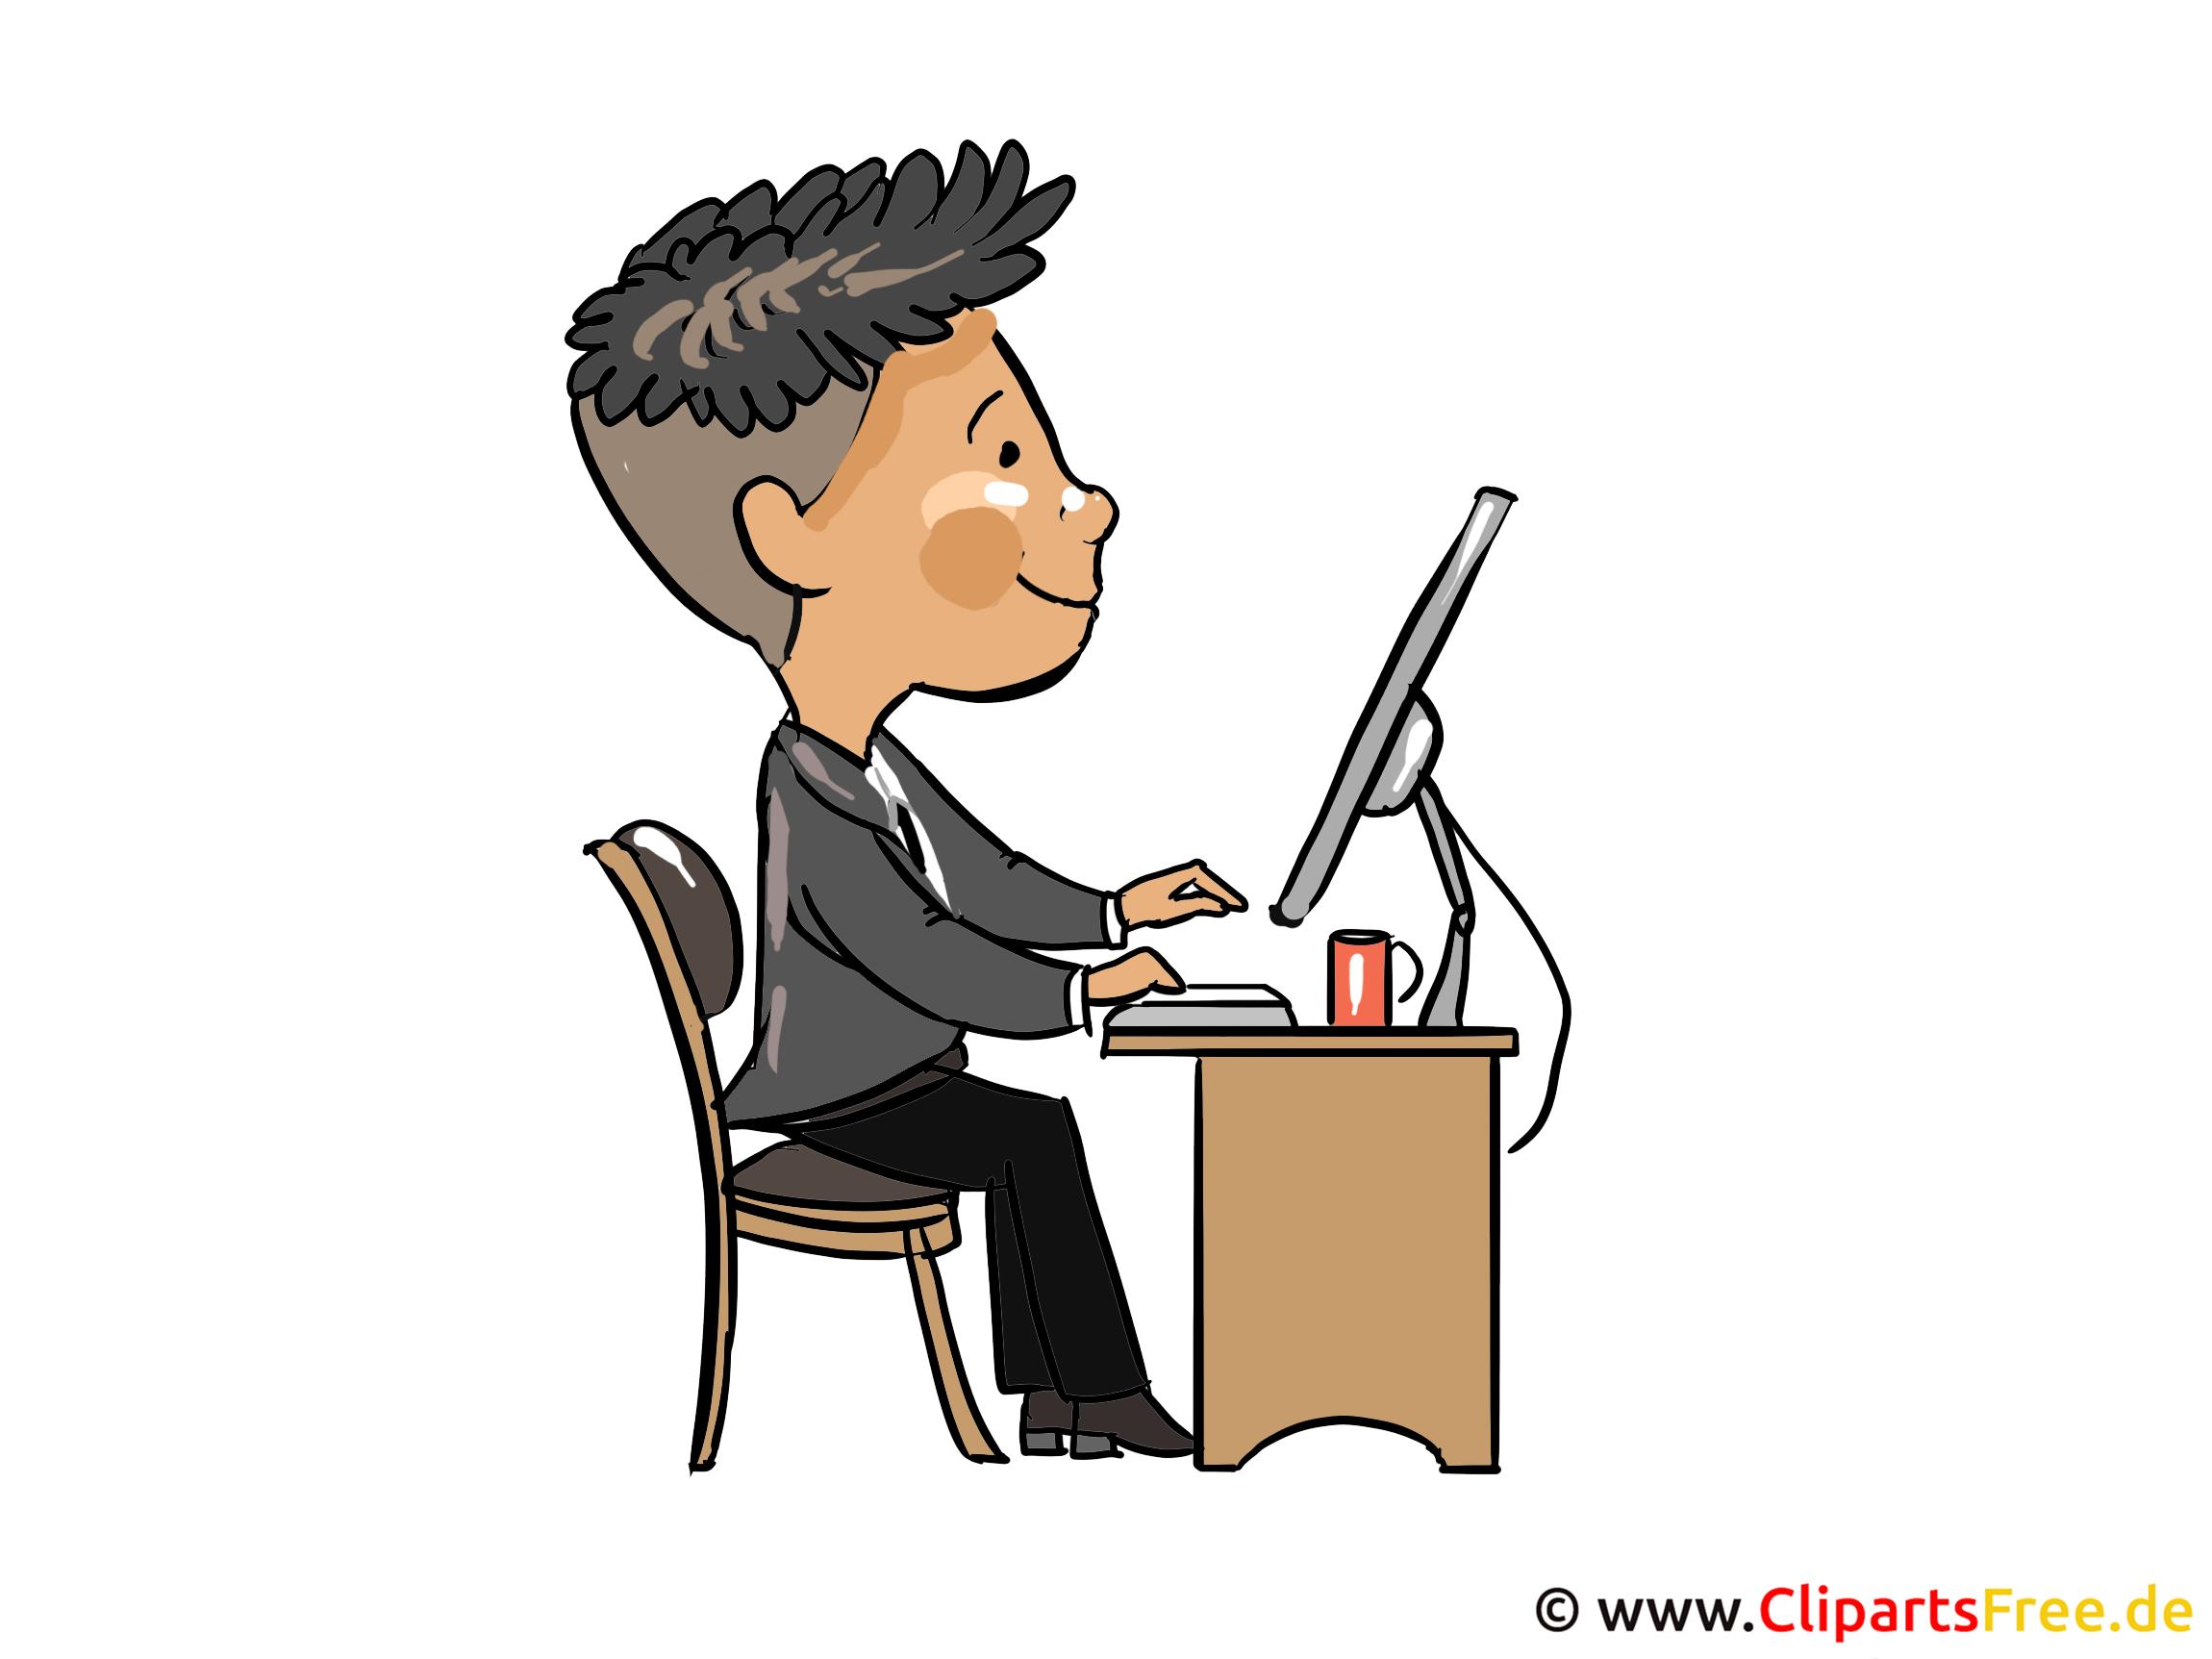 Webdesigner Clipart, Bild, Cartoon, Illustration kostenlos